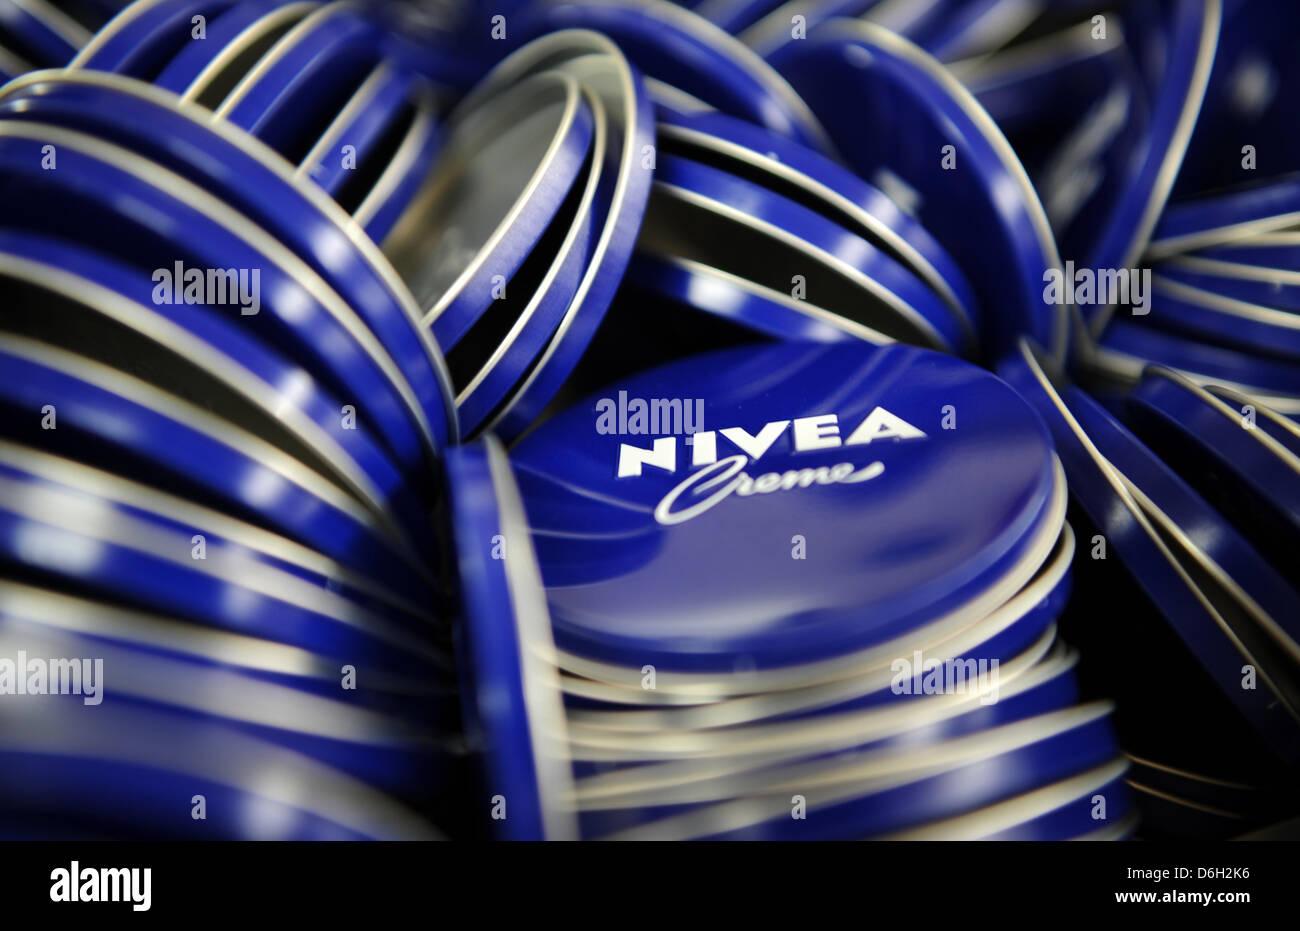 (Archivo) Un archivo foto de fecha 19 de enero de 2012 muestra las tapas de latas de crema Nivea caer en una jaula Foto de stock